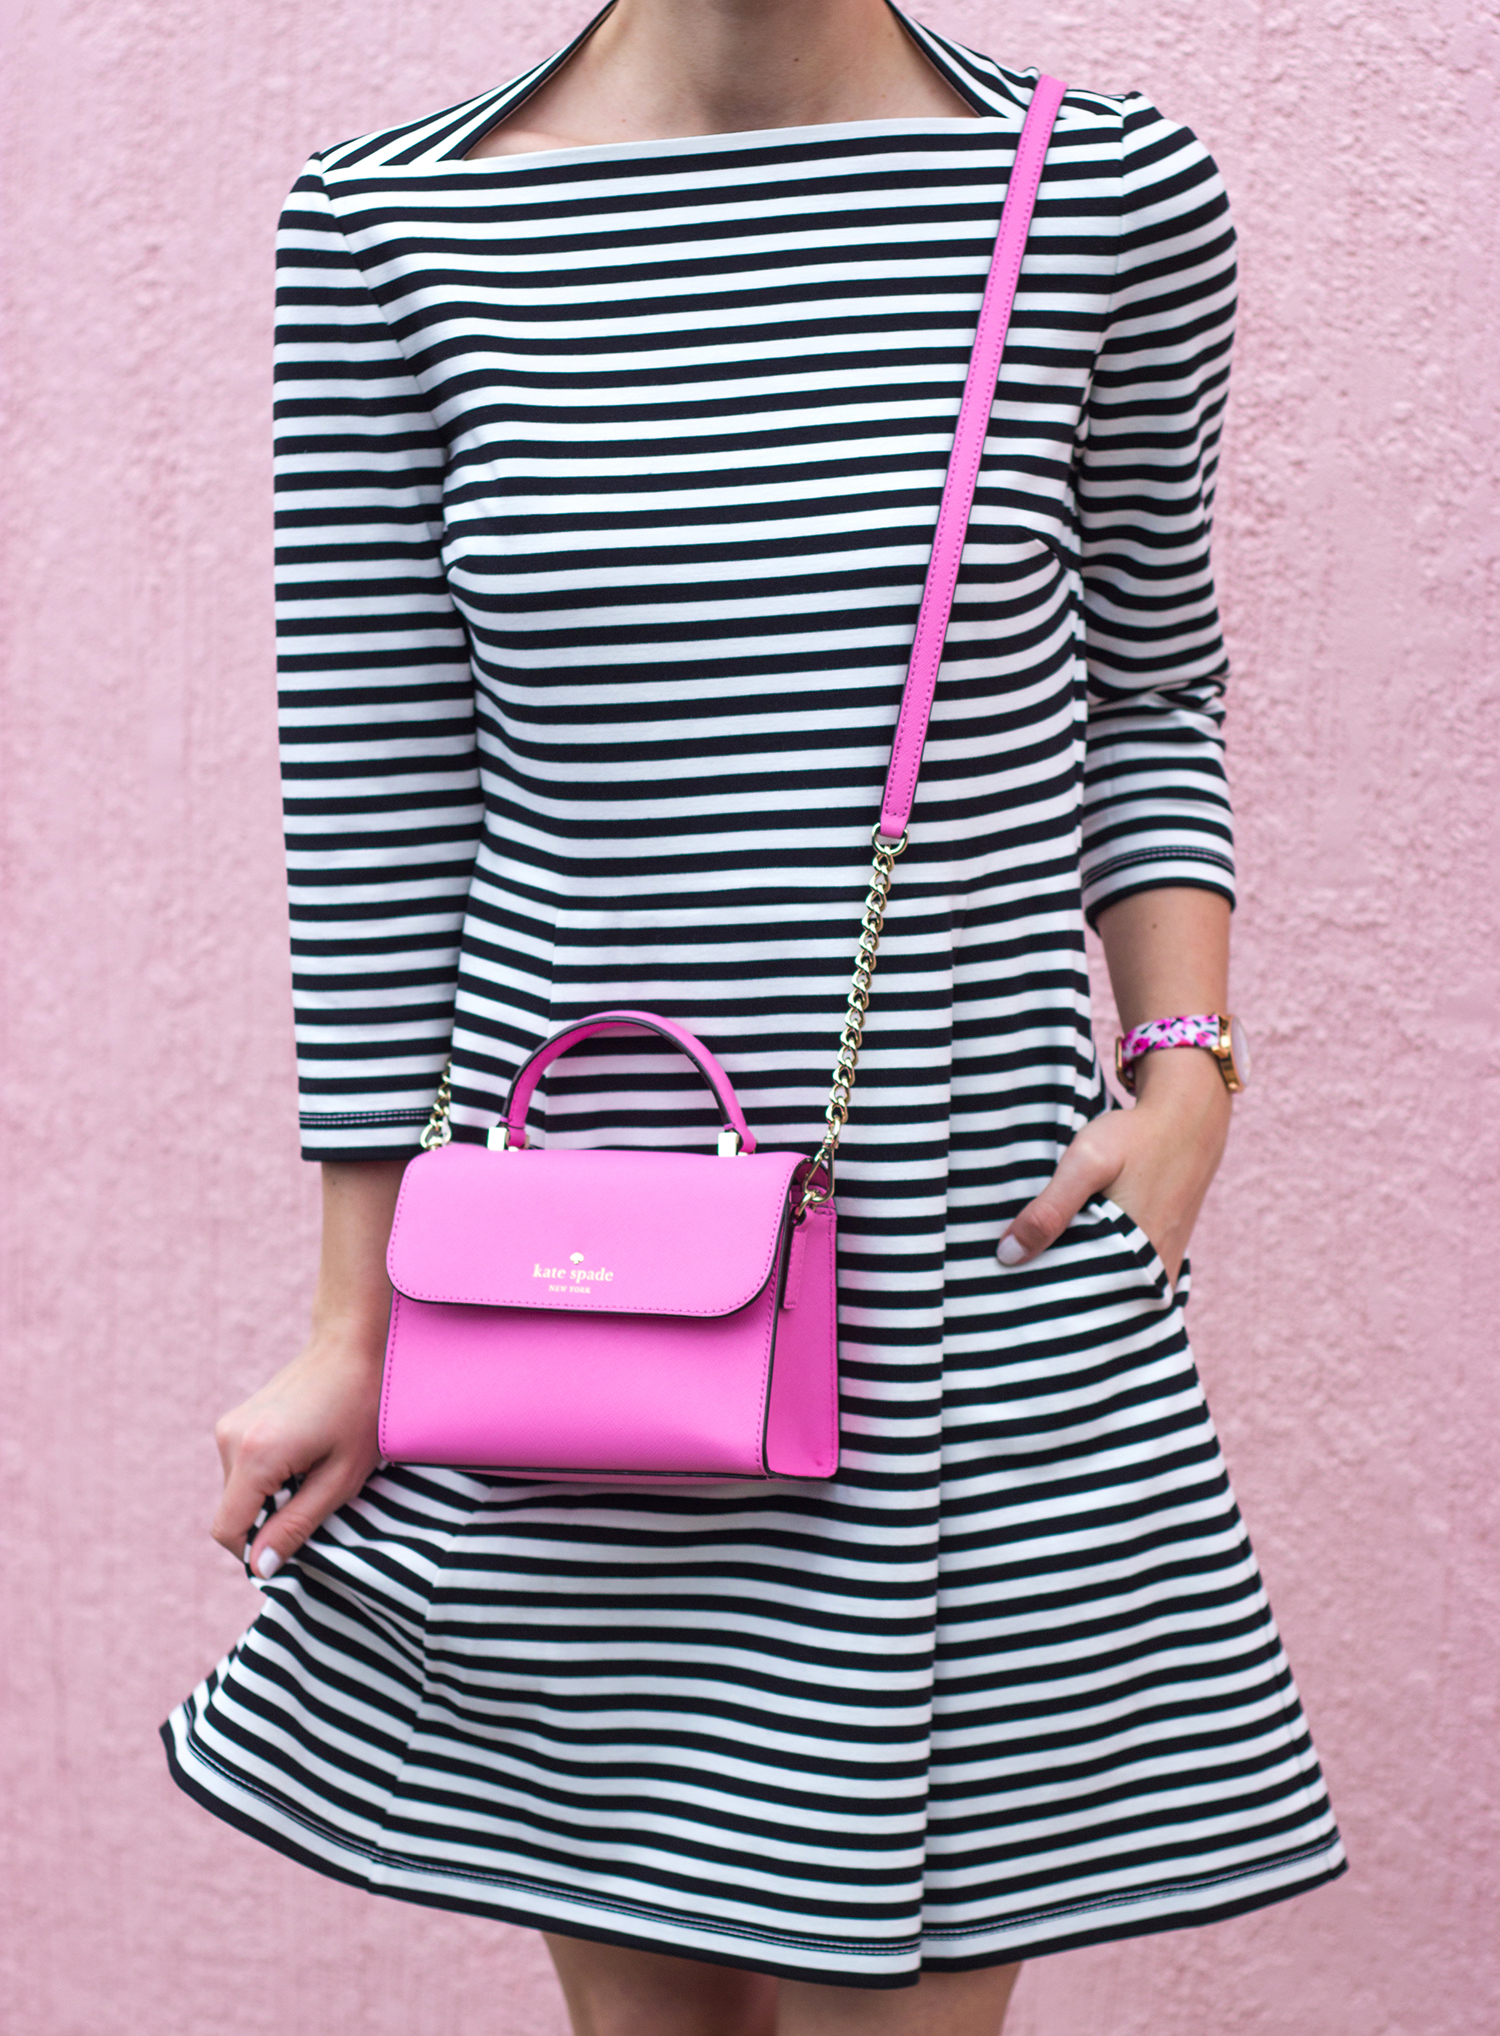 Drawn stripe Kate austin Tee Ways blogger